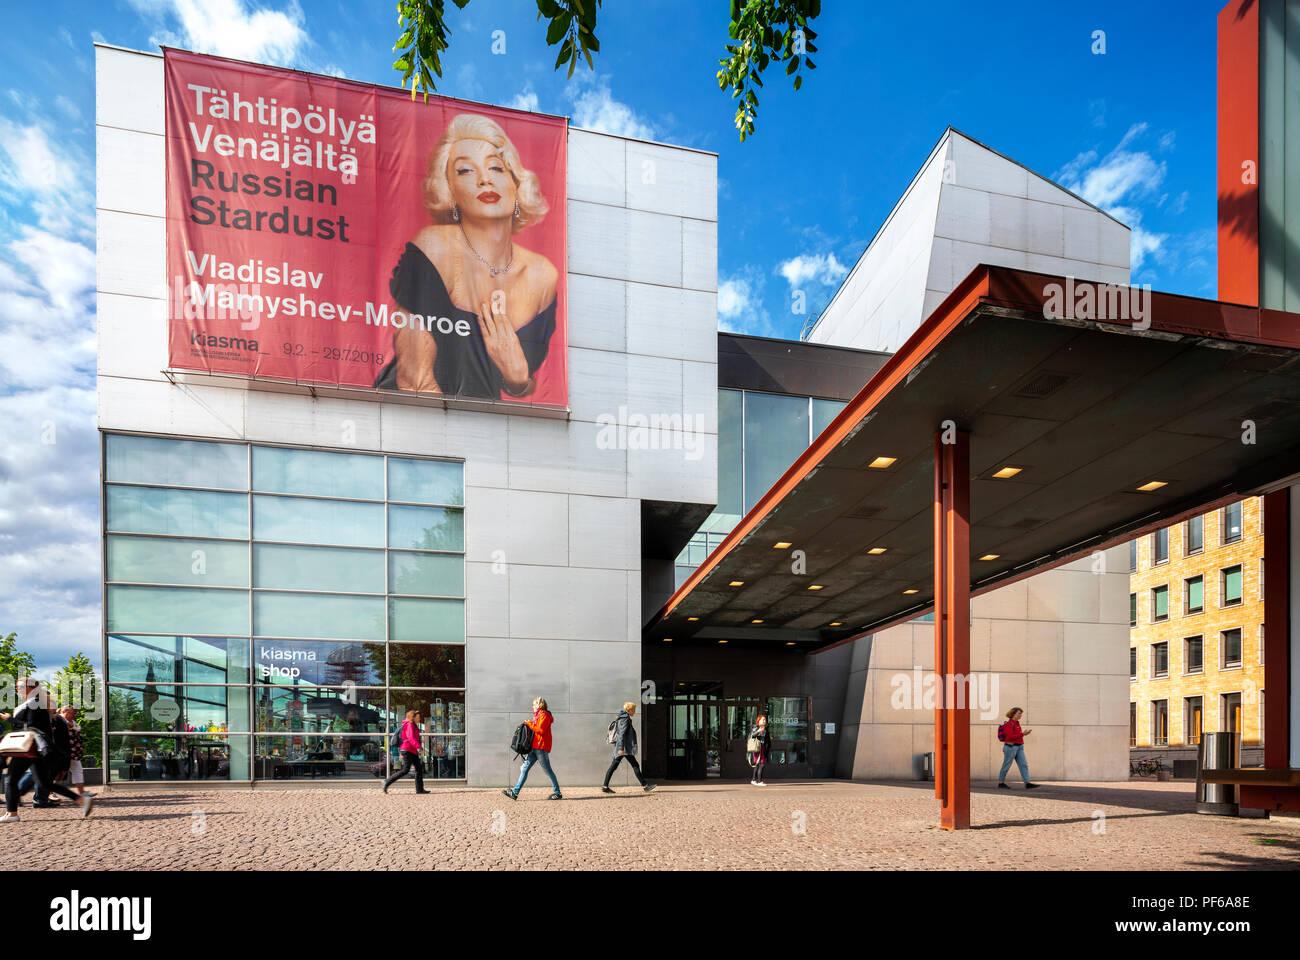 Il Kiasma Museum di Helsinki di arte contemporanea. Esterno con ingresso principale e il Kiasma Museum Shop e Caffetteria del museo sulla sinistra. Immagini Stock